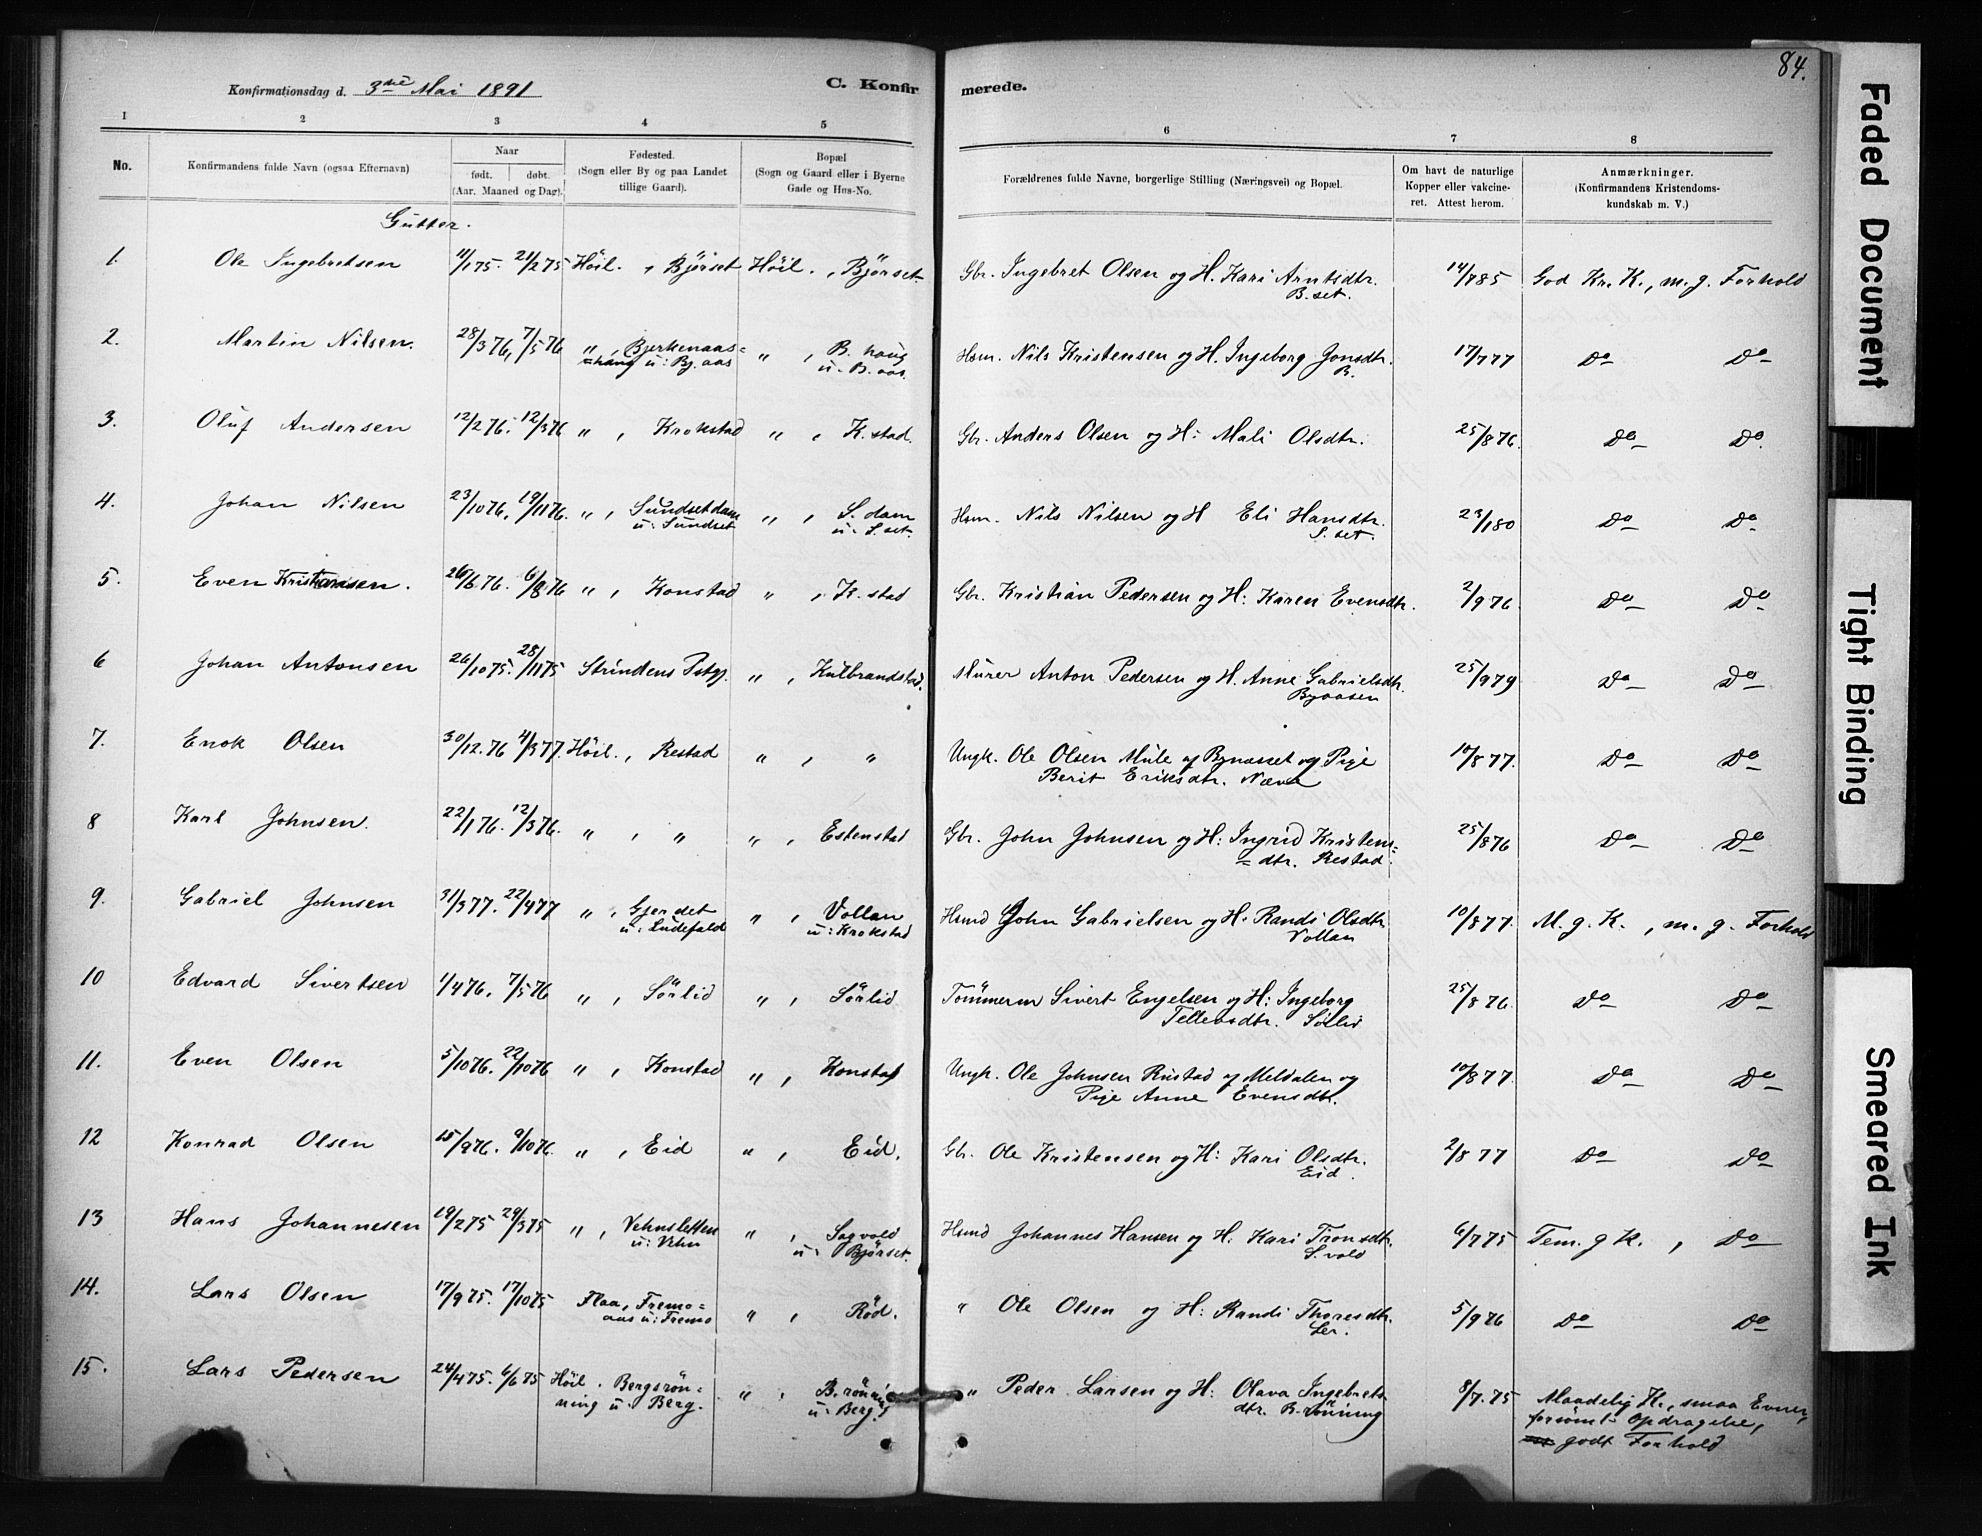 SAT, Ministerialprotokoller, klokkerbøker og fødselsregistre - Sør-Trøndelag, 694/L1127: Ministerialbok nr. 694A01, 1887-1905, s. 84